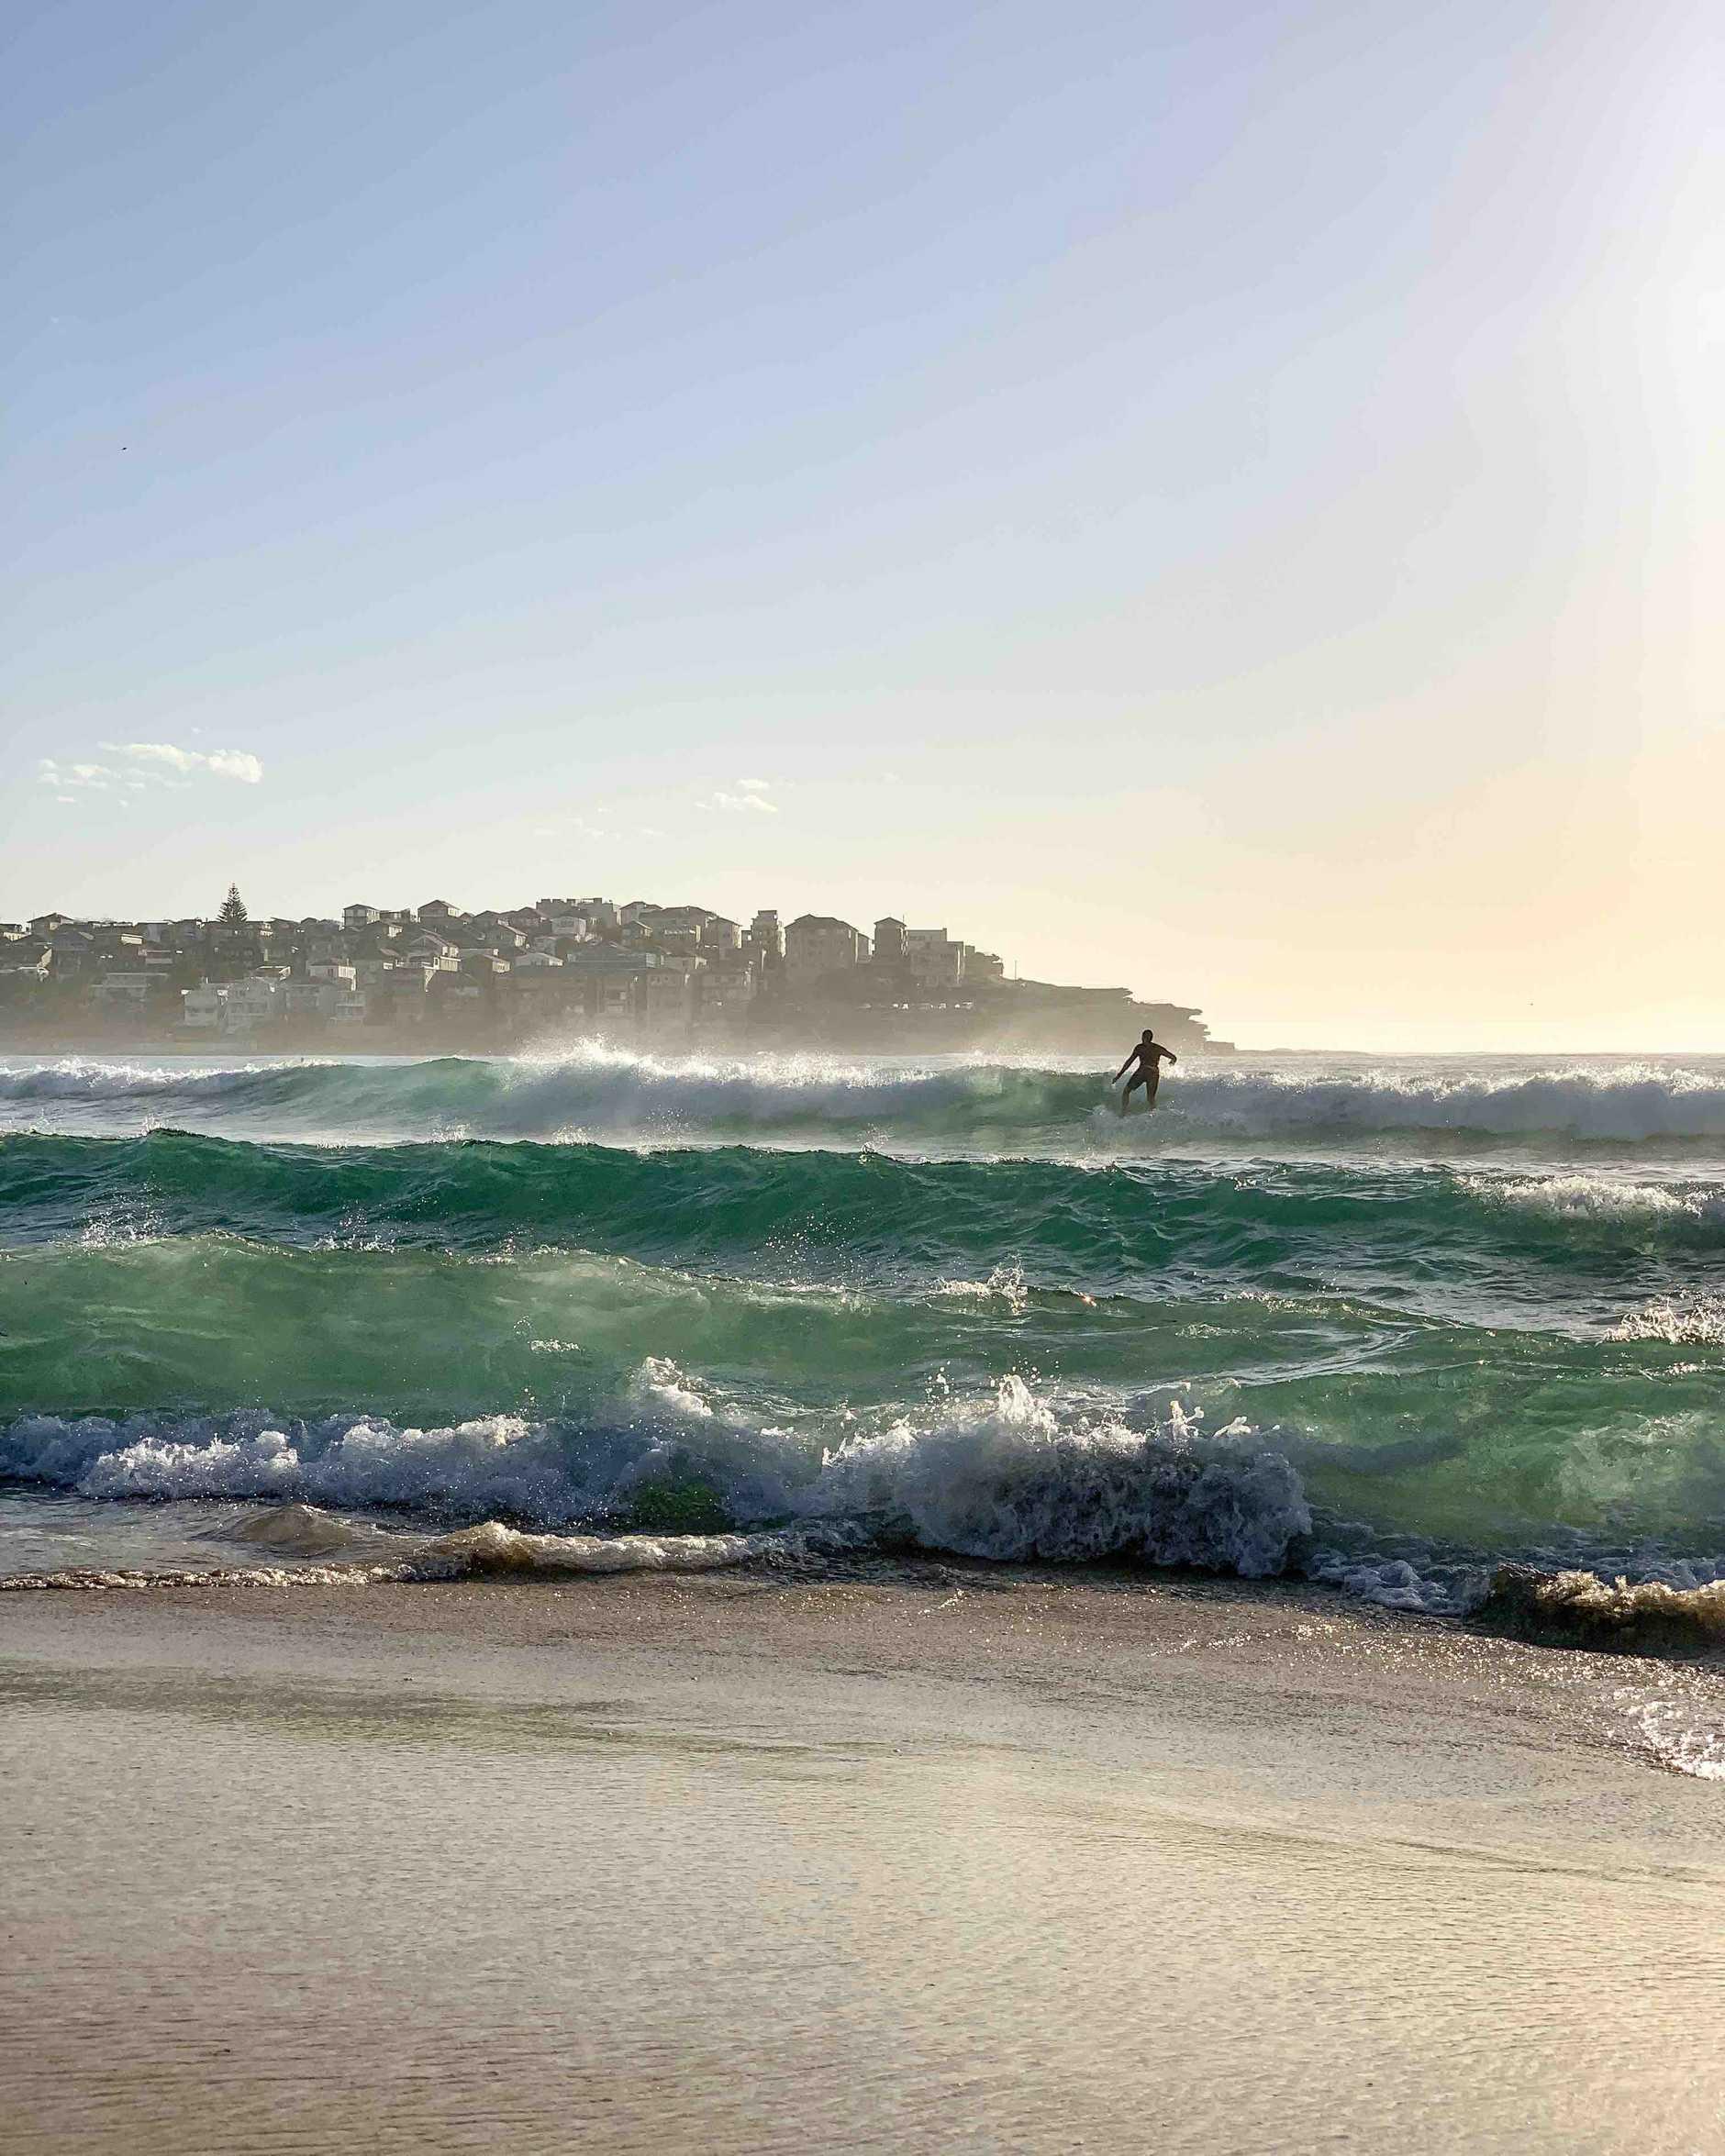 Bondi Beach, 6:56am, iPhone XS Max, native camera